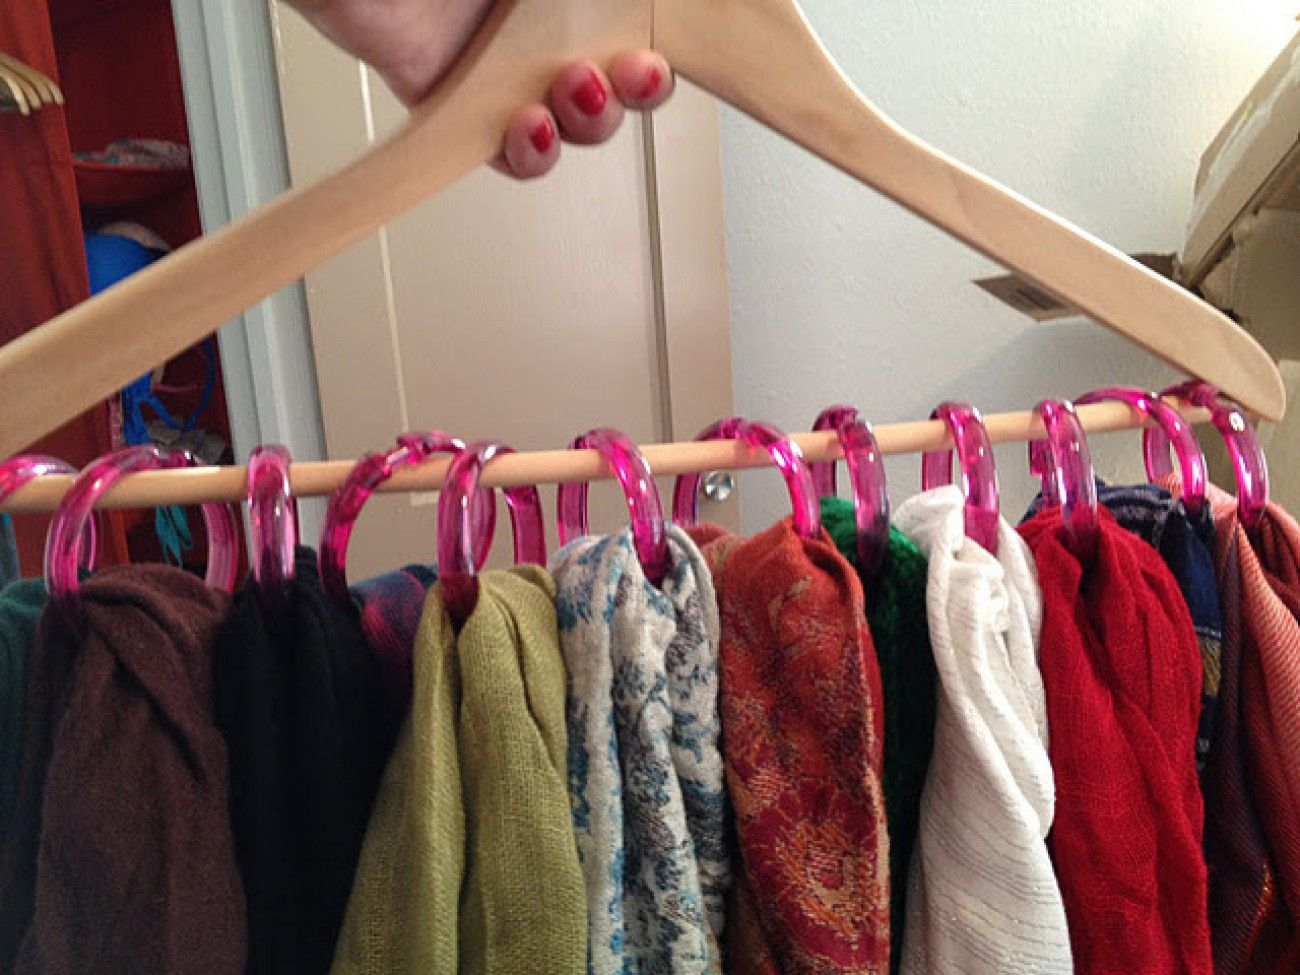 douche ringen rond een kapstok om al je sjaaltjes netjes en